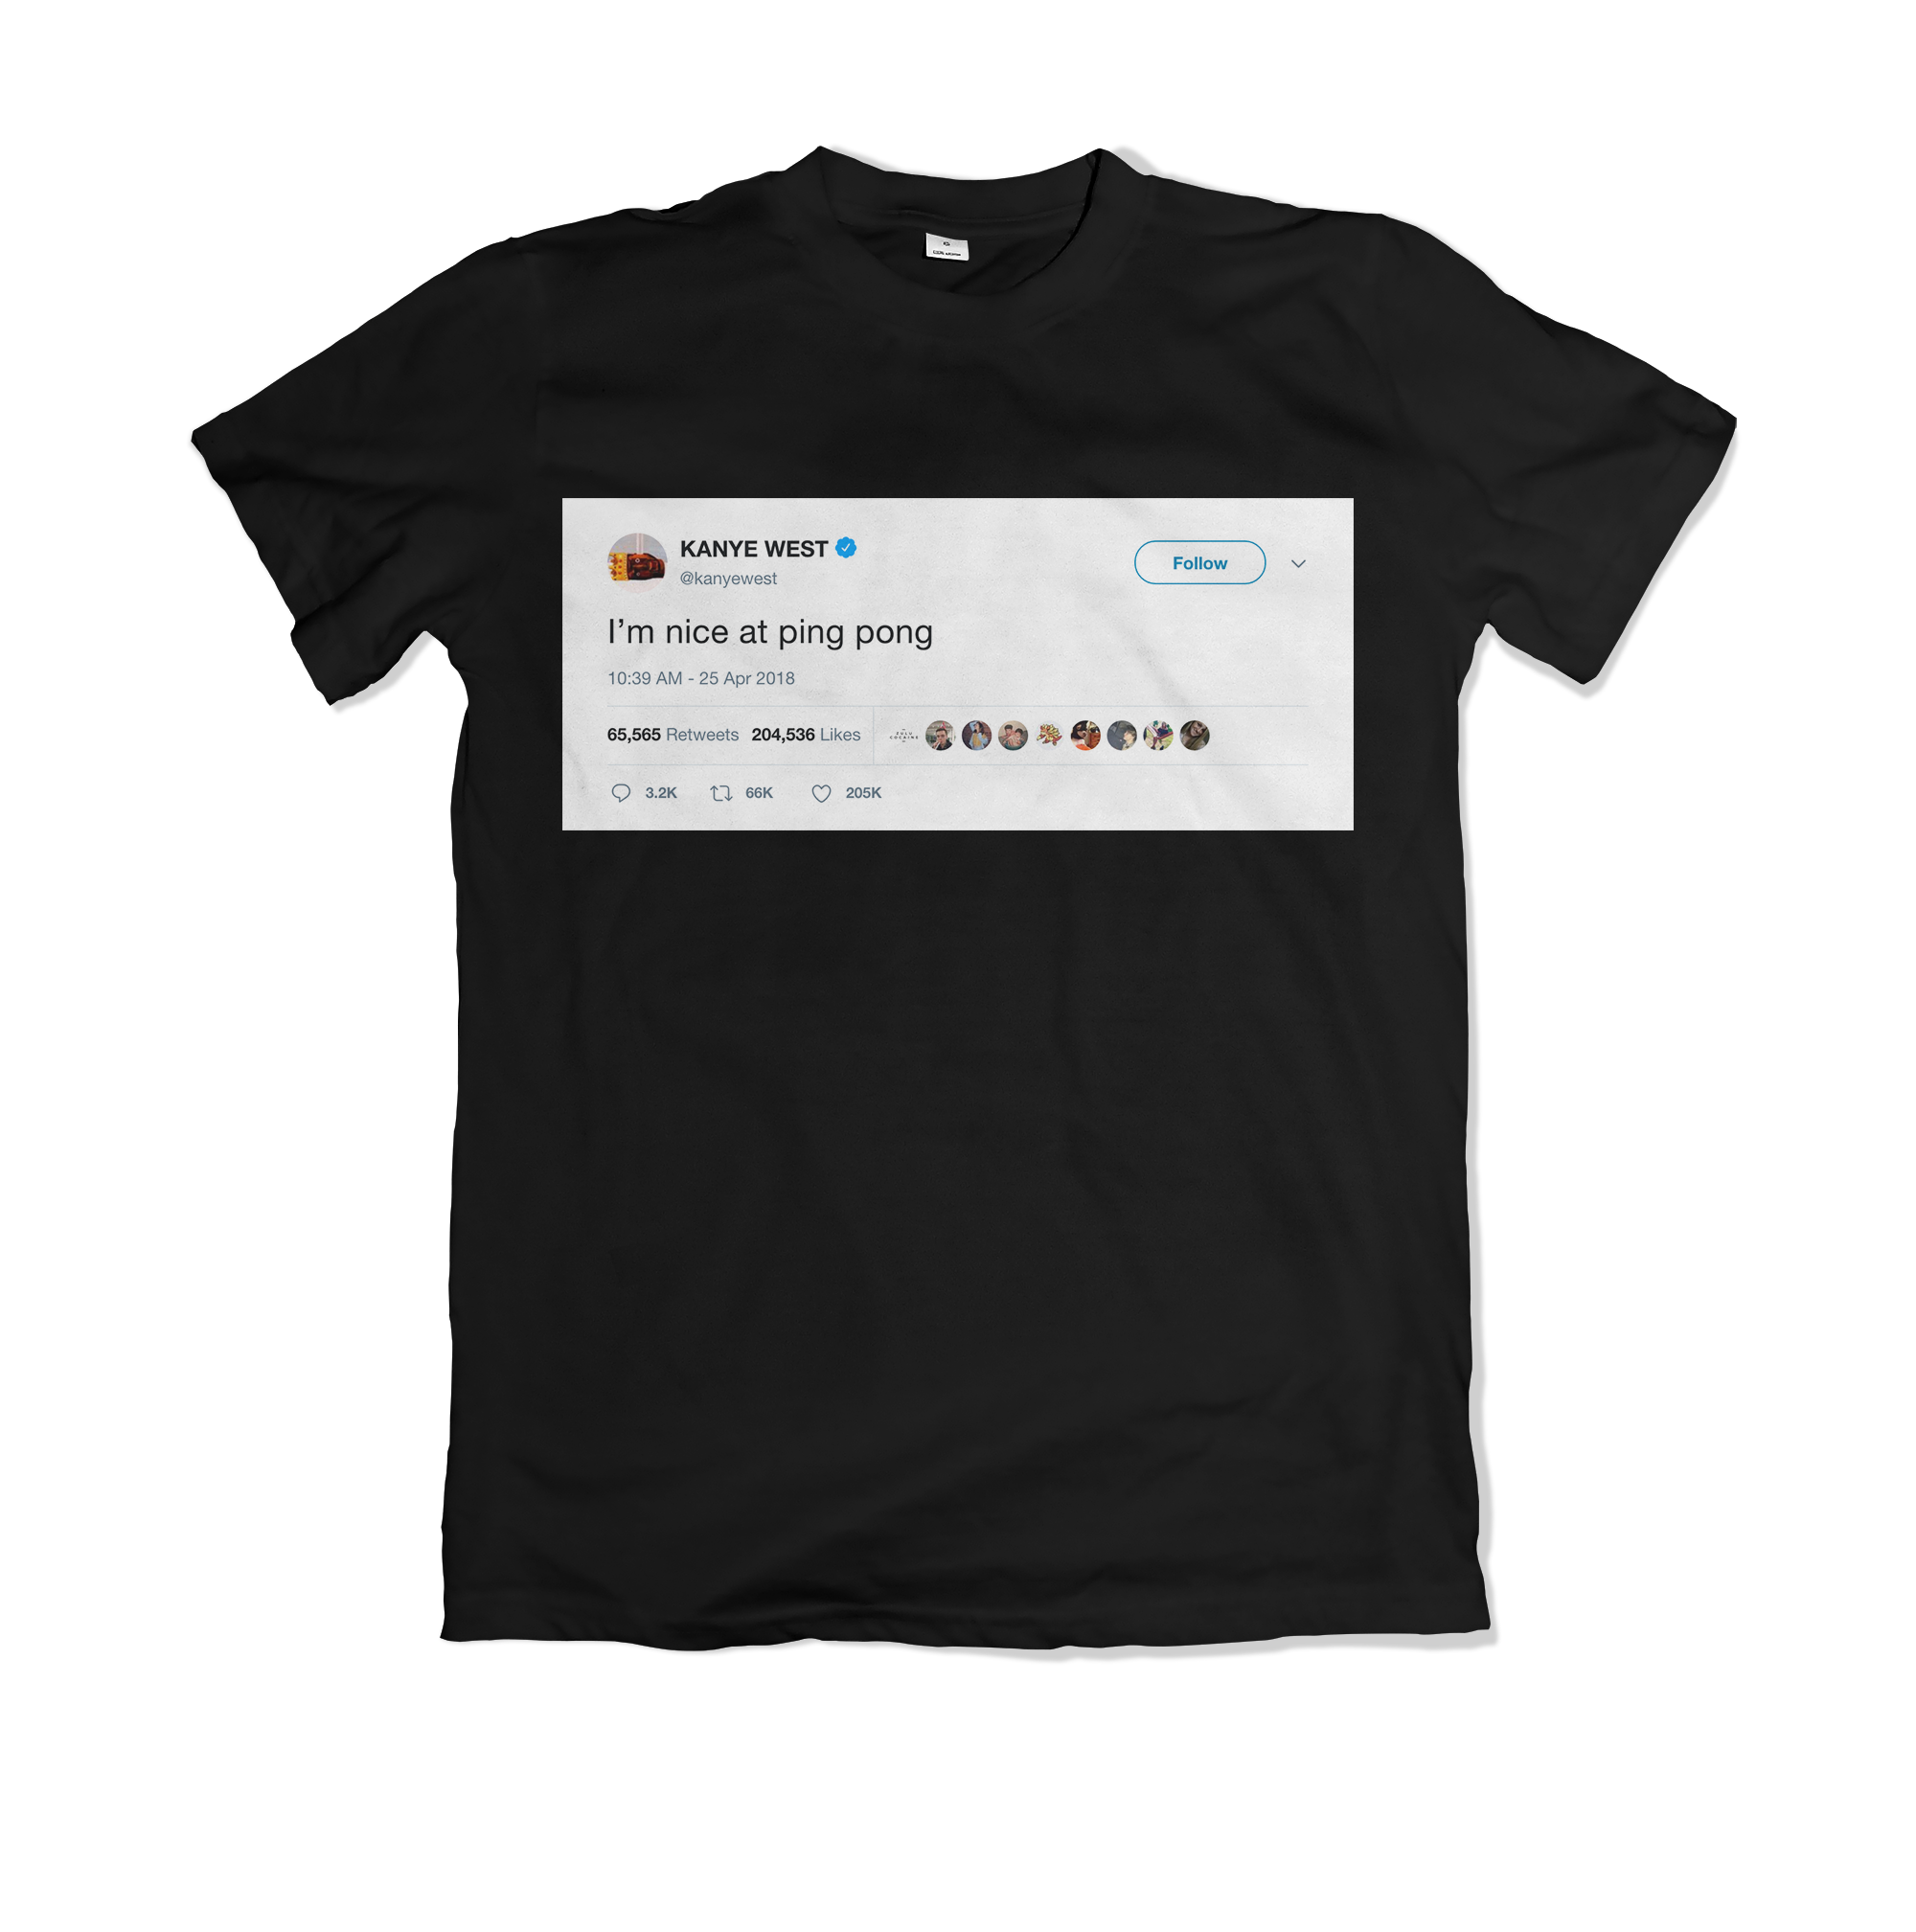 Kanye West Kanye West Shirts Kanye